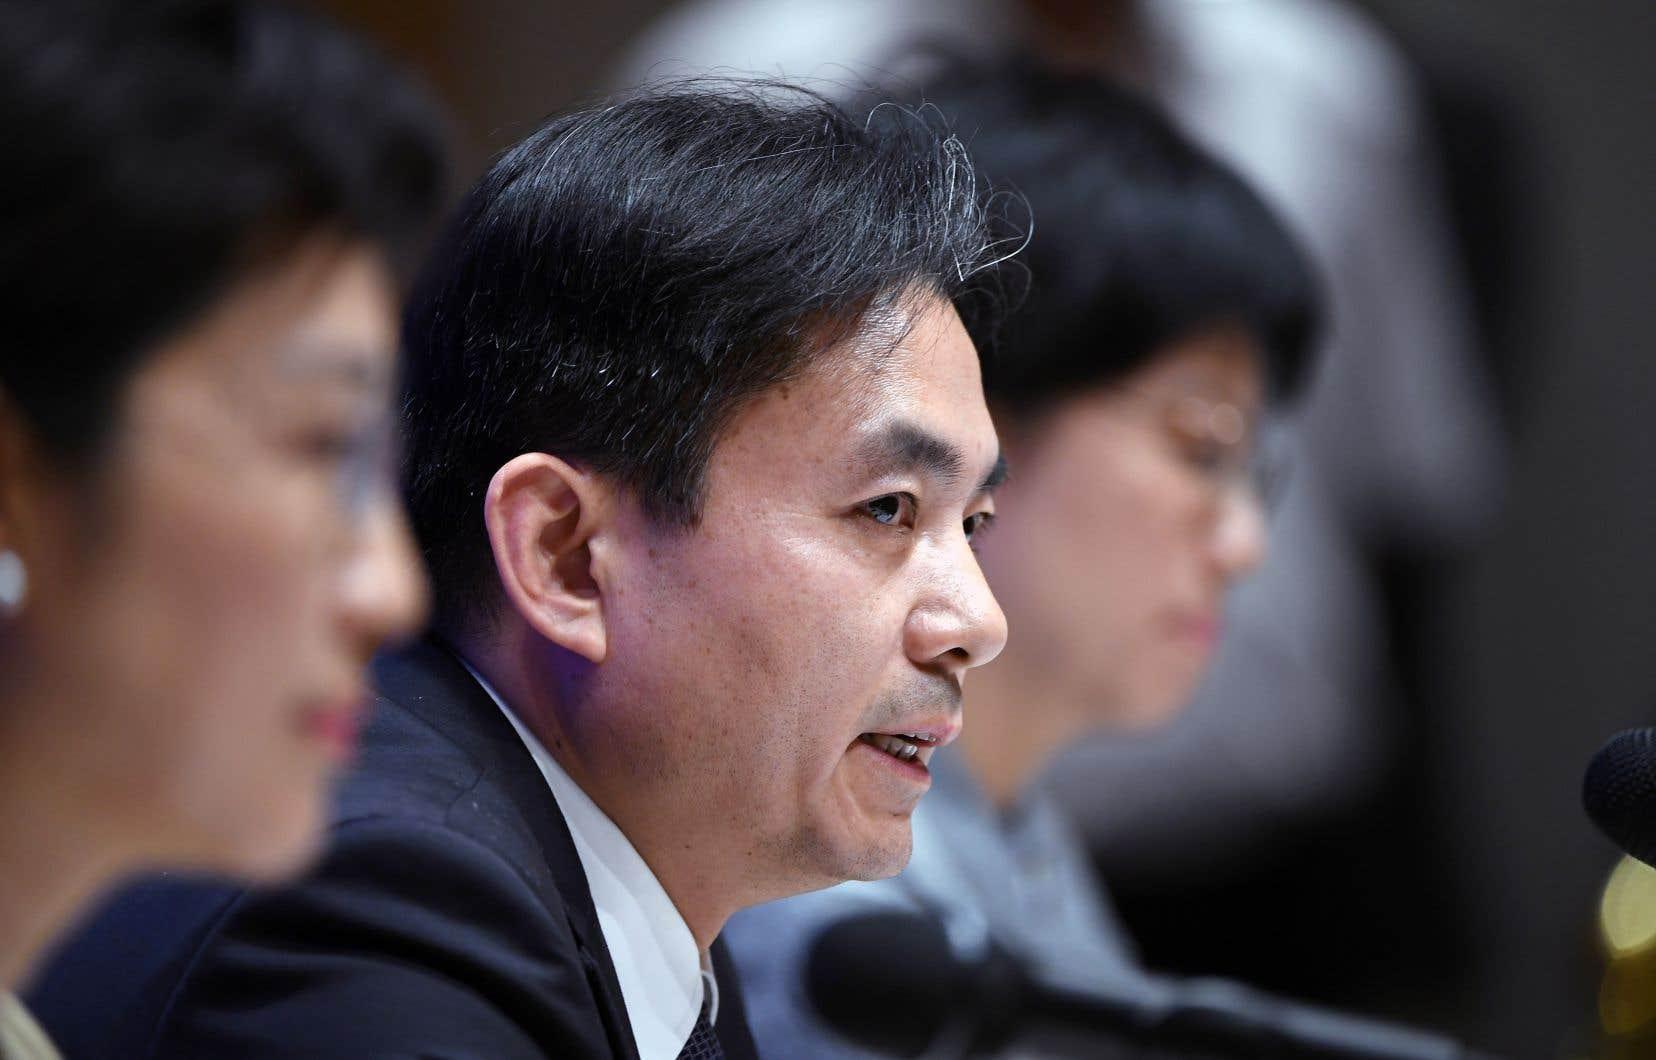 Le porte-parole du Bureau des affaires de Hong Kong et de Macao du gouvernement chinois, Yang Guang, s'est adressé à la presse.